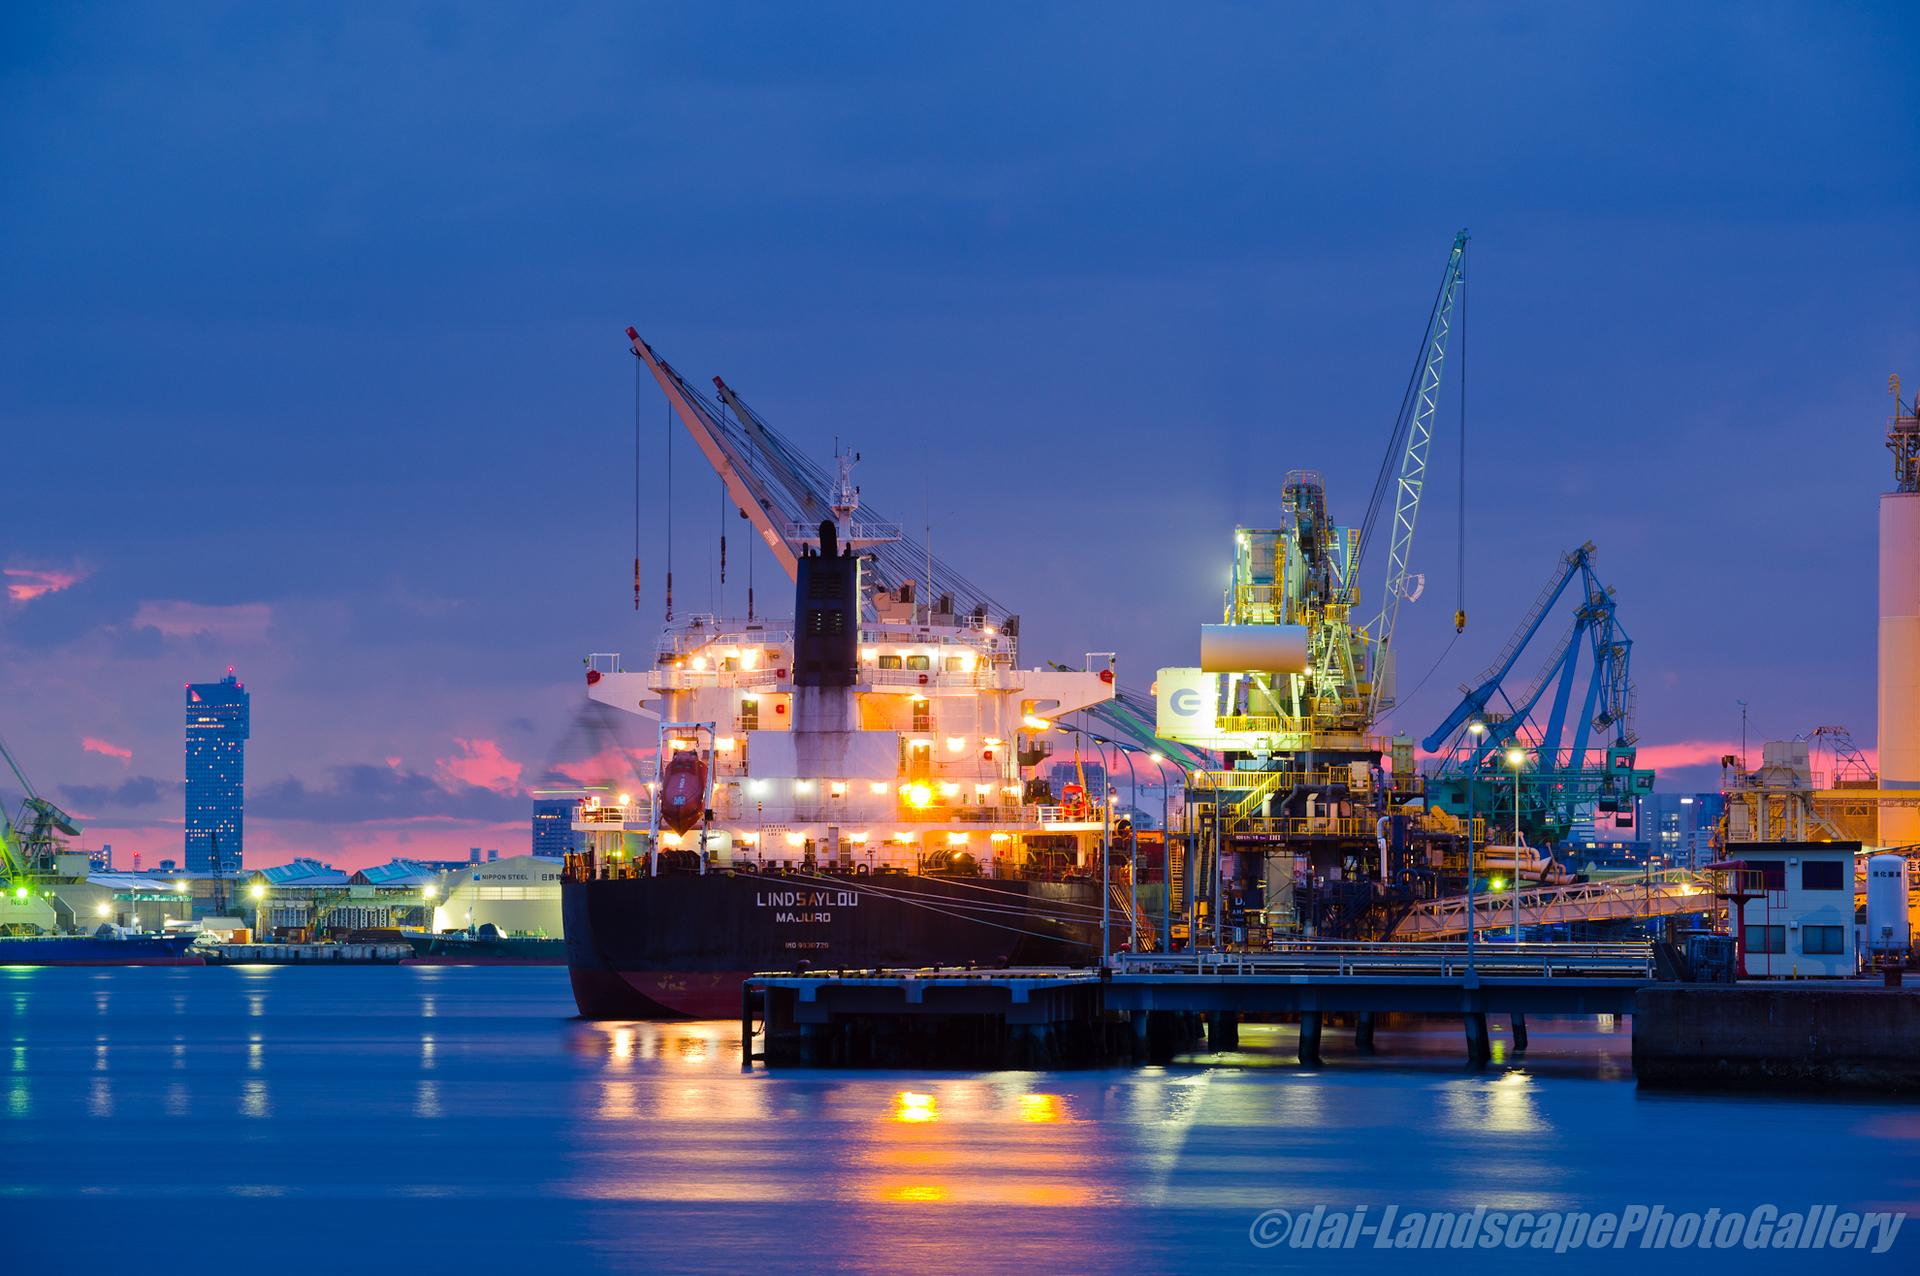 千葉港 薄暮の貨物船夕夜景